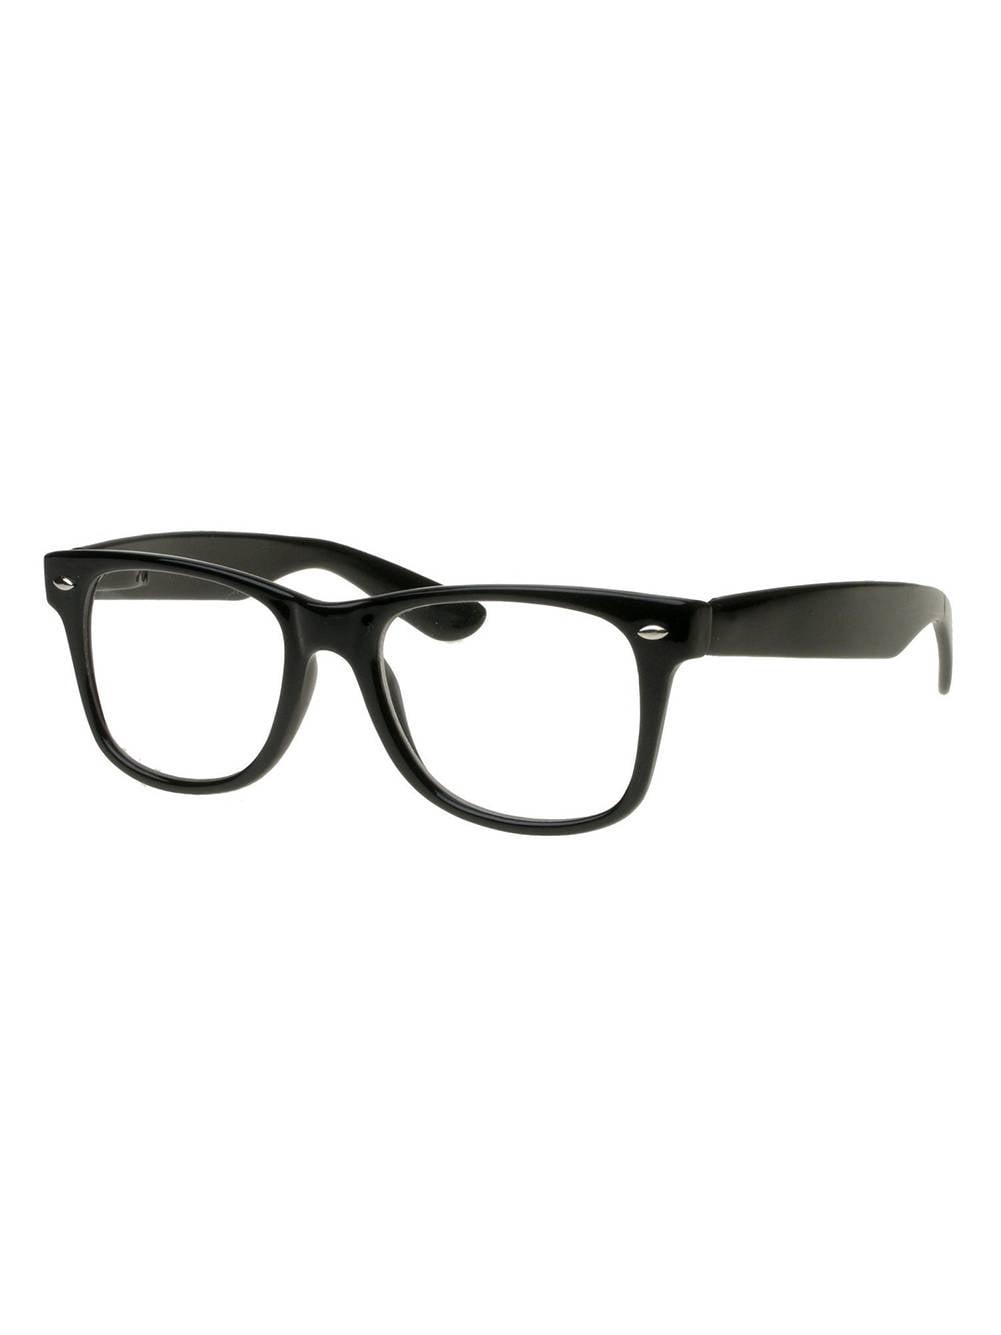 3dad6b175db Glasses   Eyewear in Canada